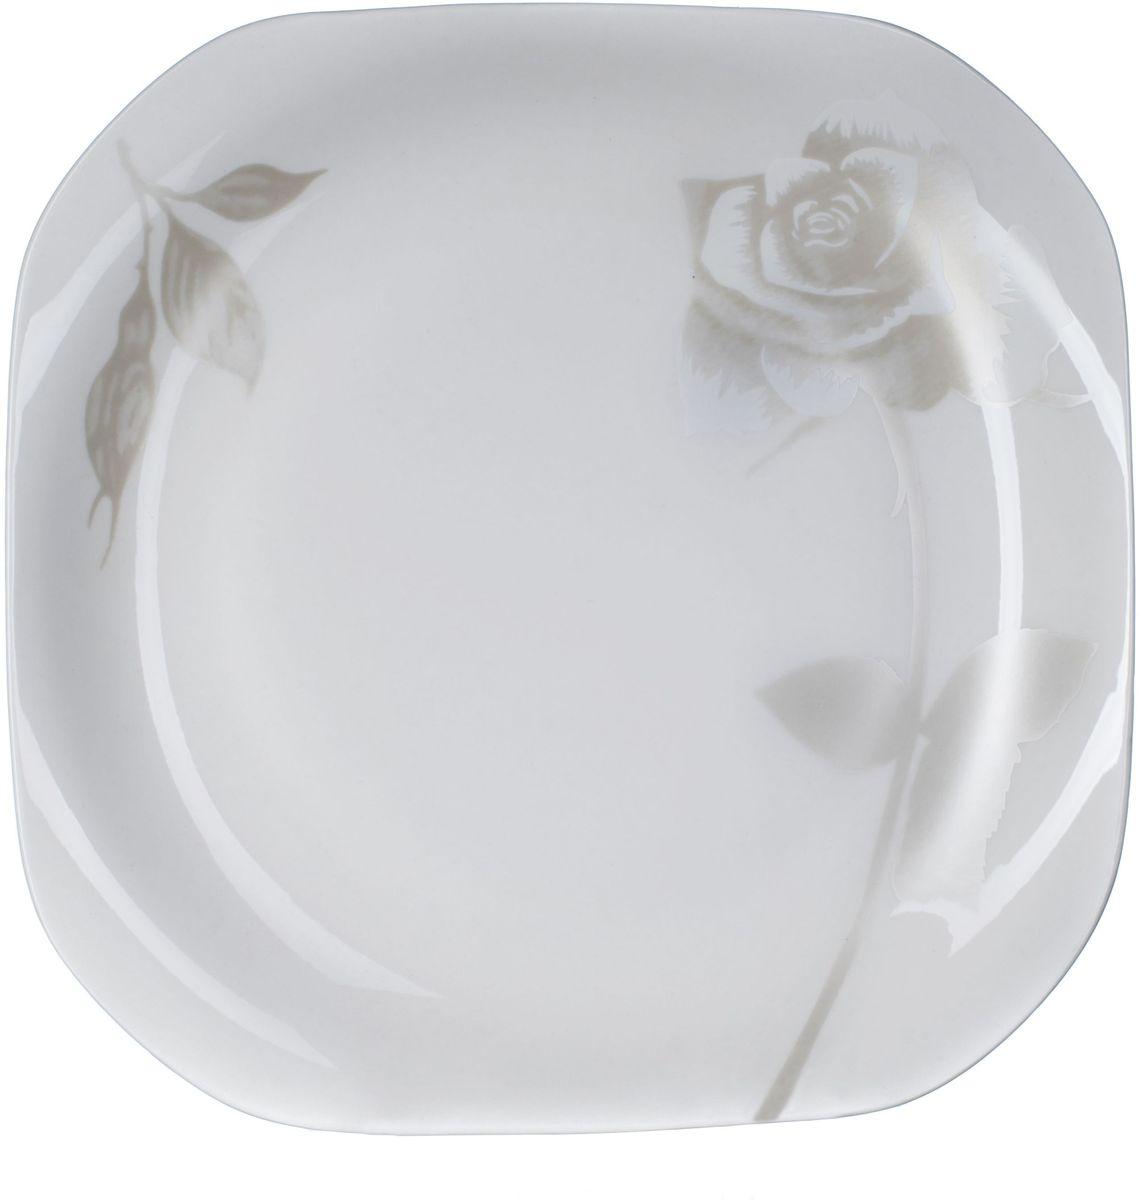 Тарелка подстановочная Elff Decor Рейчел, 27 см тарелка 20 см elff decor цвет синий голубой белый